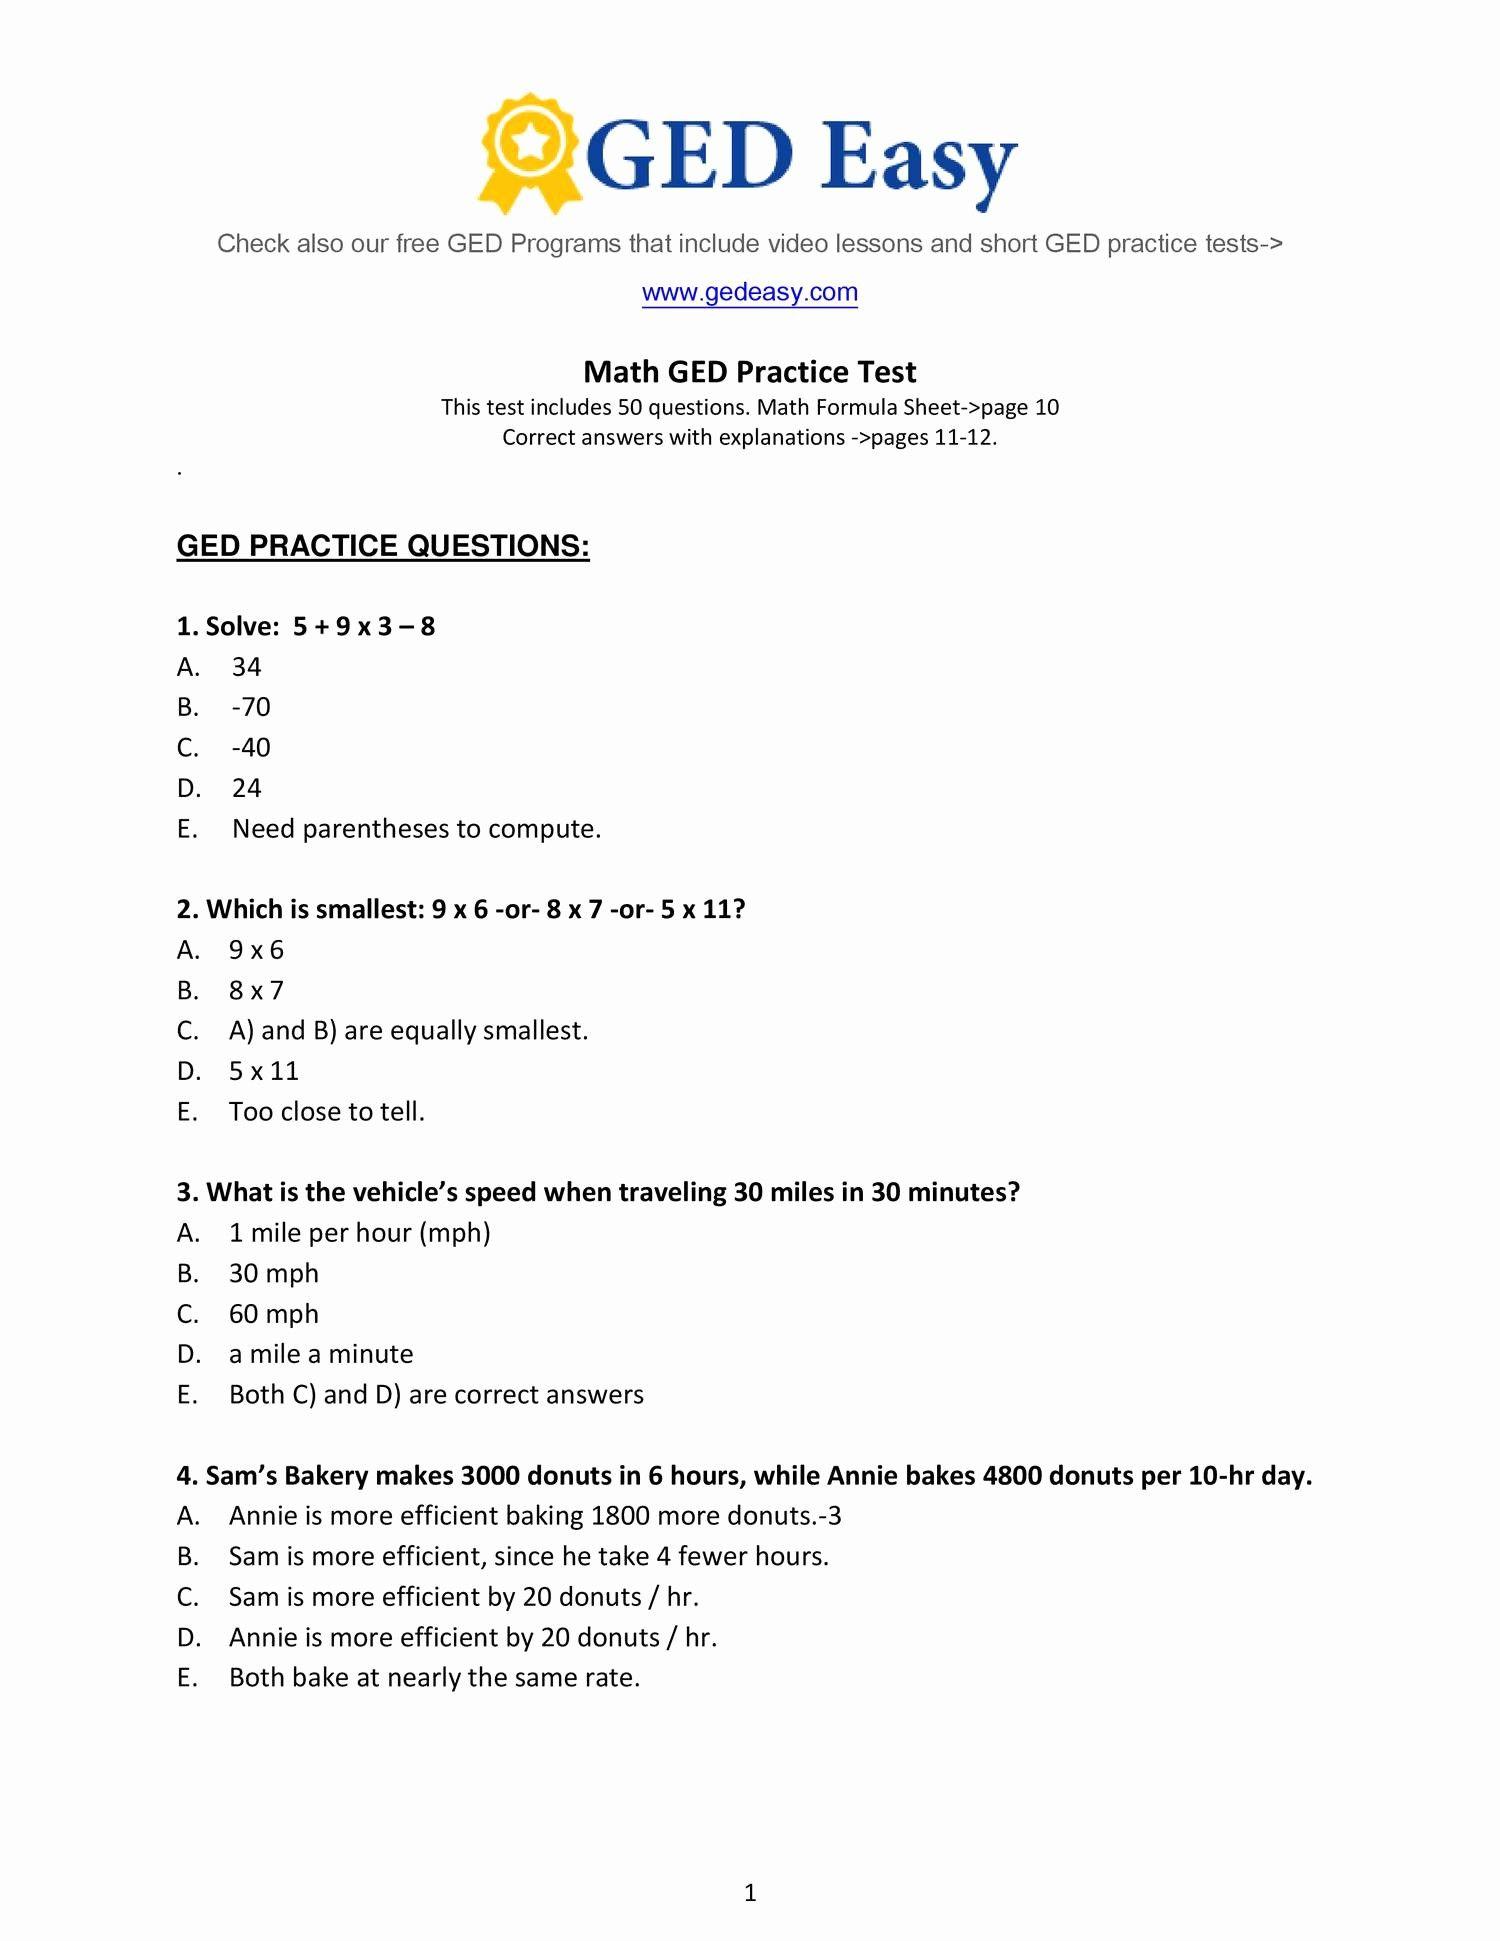 Asvab Math Worksheets - Briefencounters Worksheet Template Samples - Free Ged Practice Test 2016 Printable